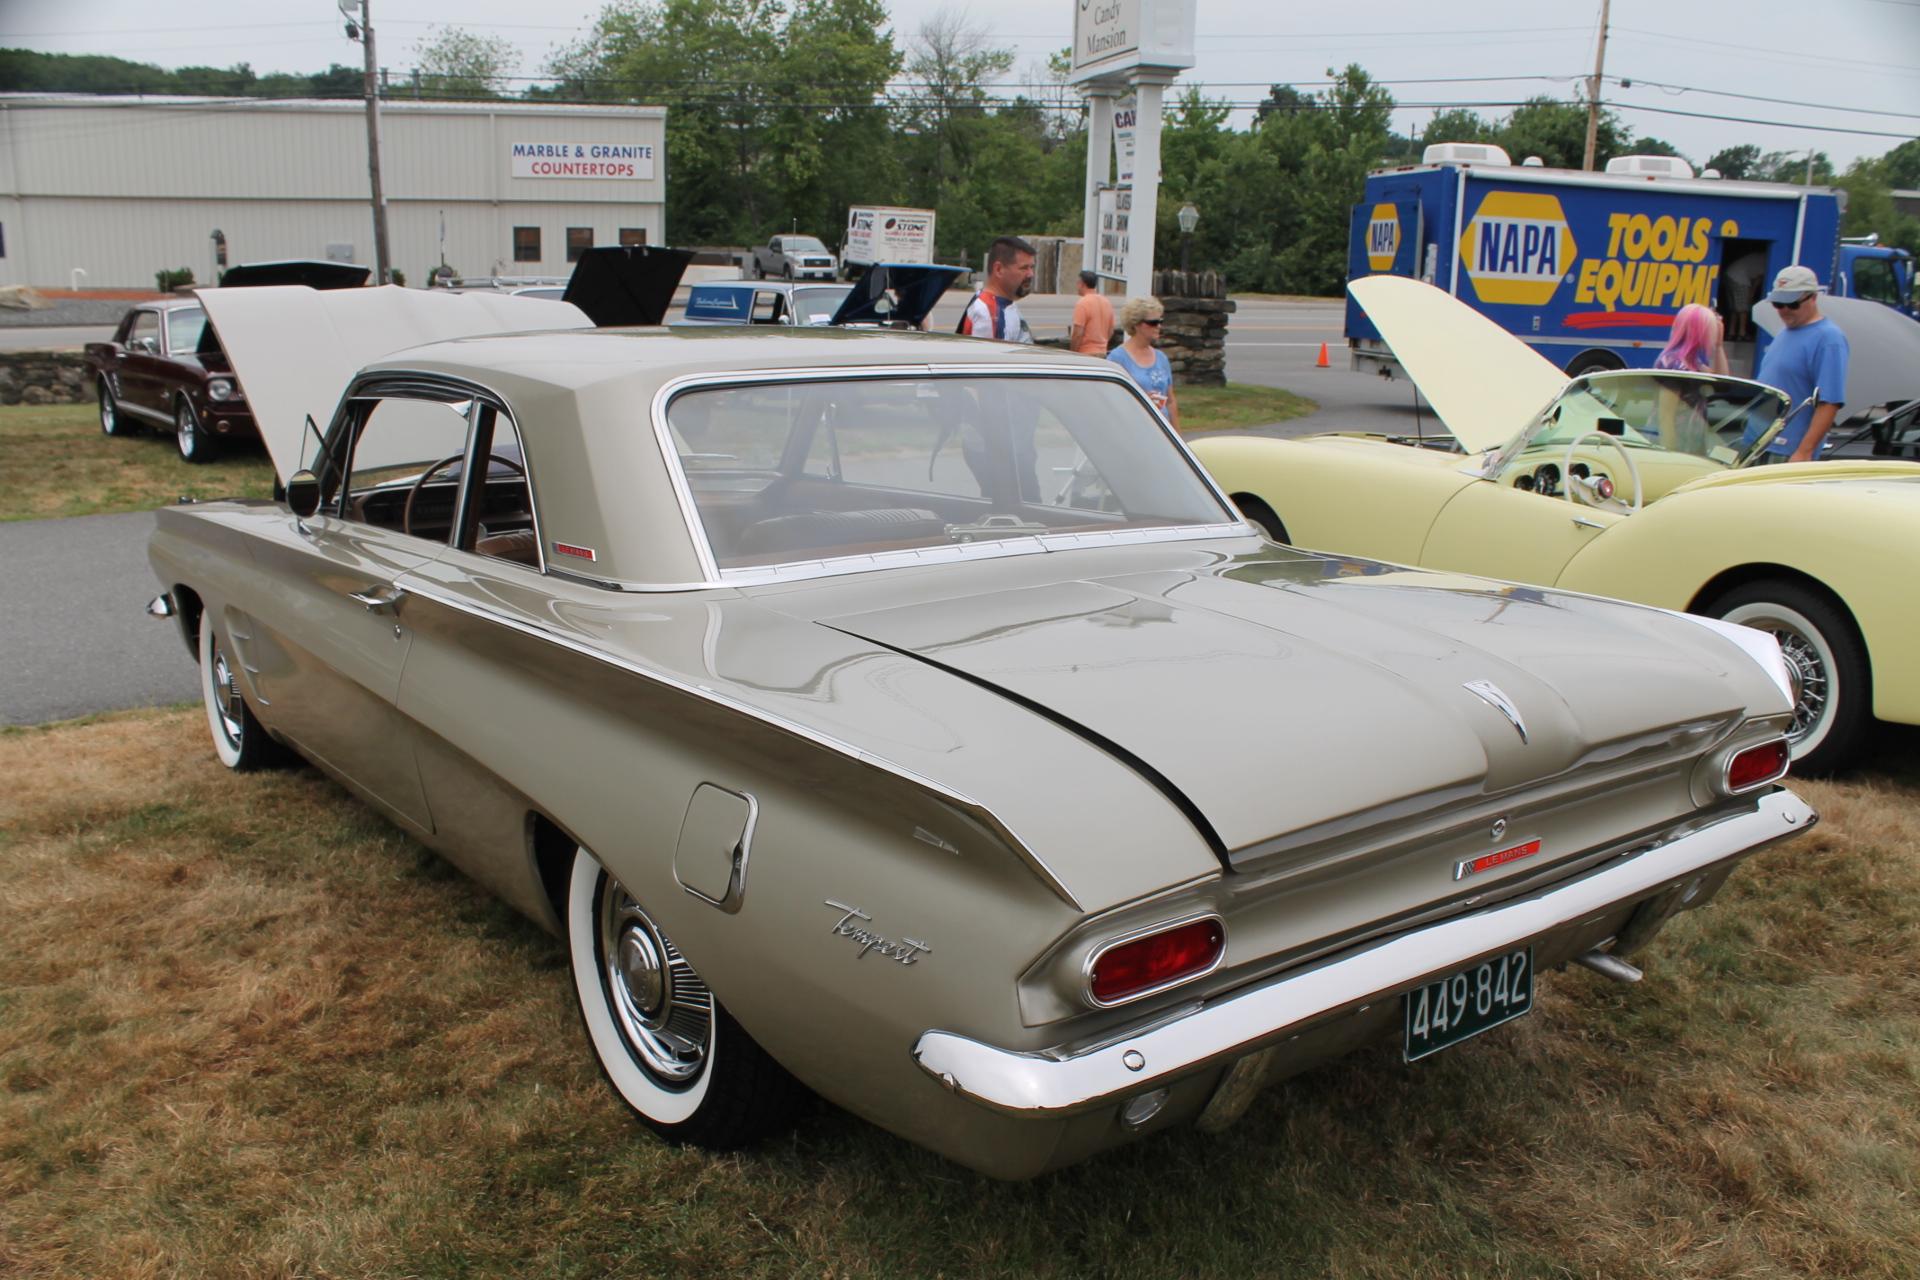 1962 Pontiac Tempest The 1962 Pontiac Tempest A Car With Half Of An Engine